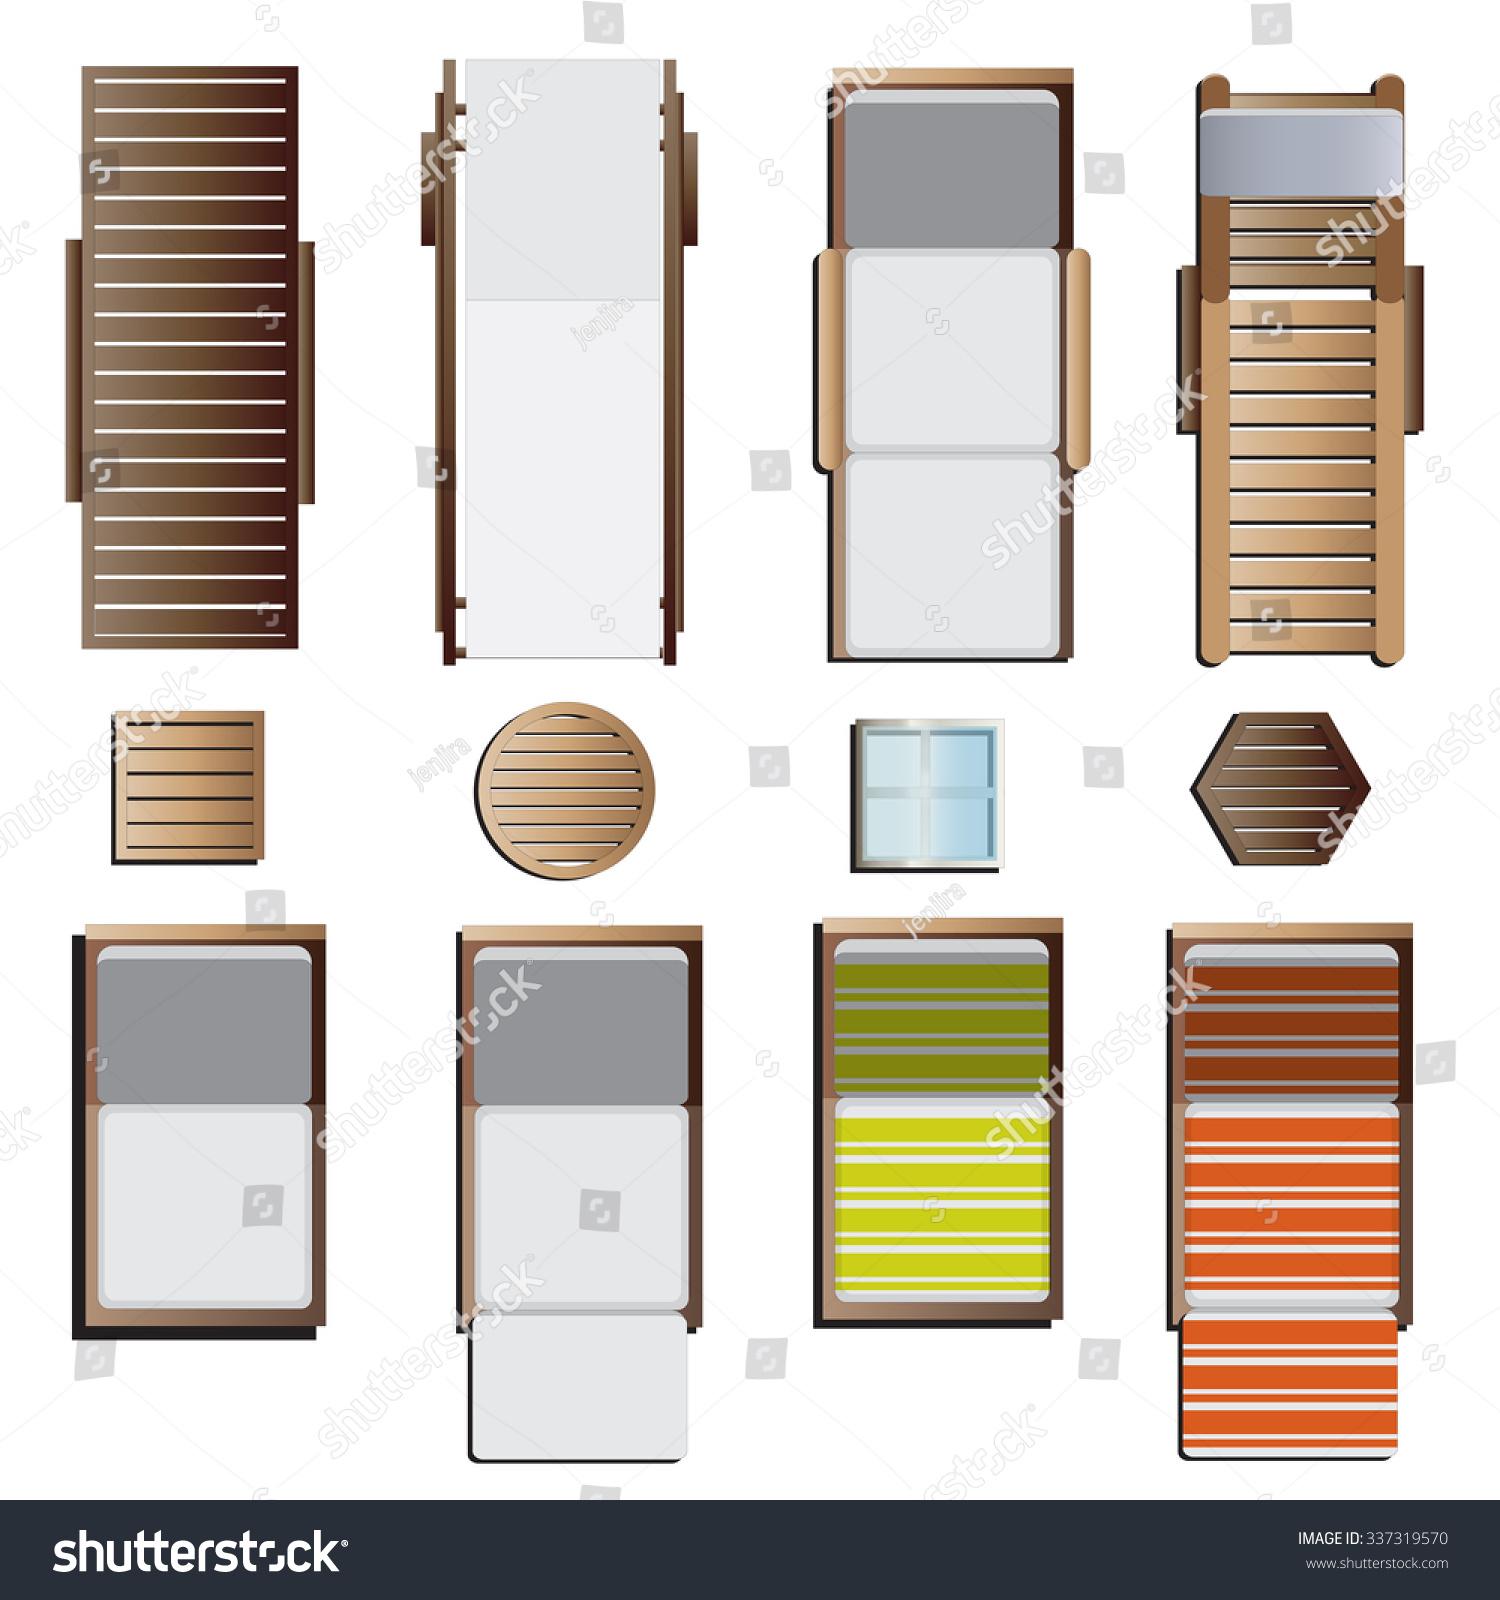 Furniture top view images - Outdoor Furniture Sunbeds Set Top View Set 8 For Landscape Design